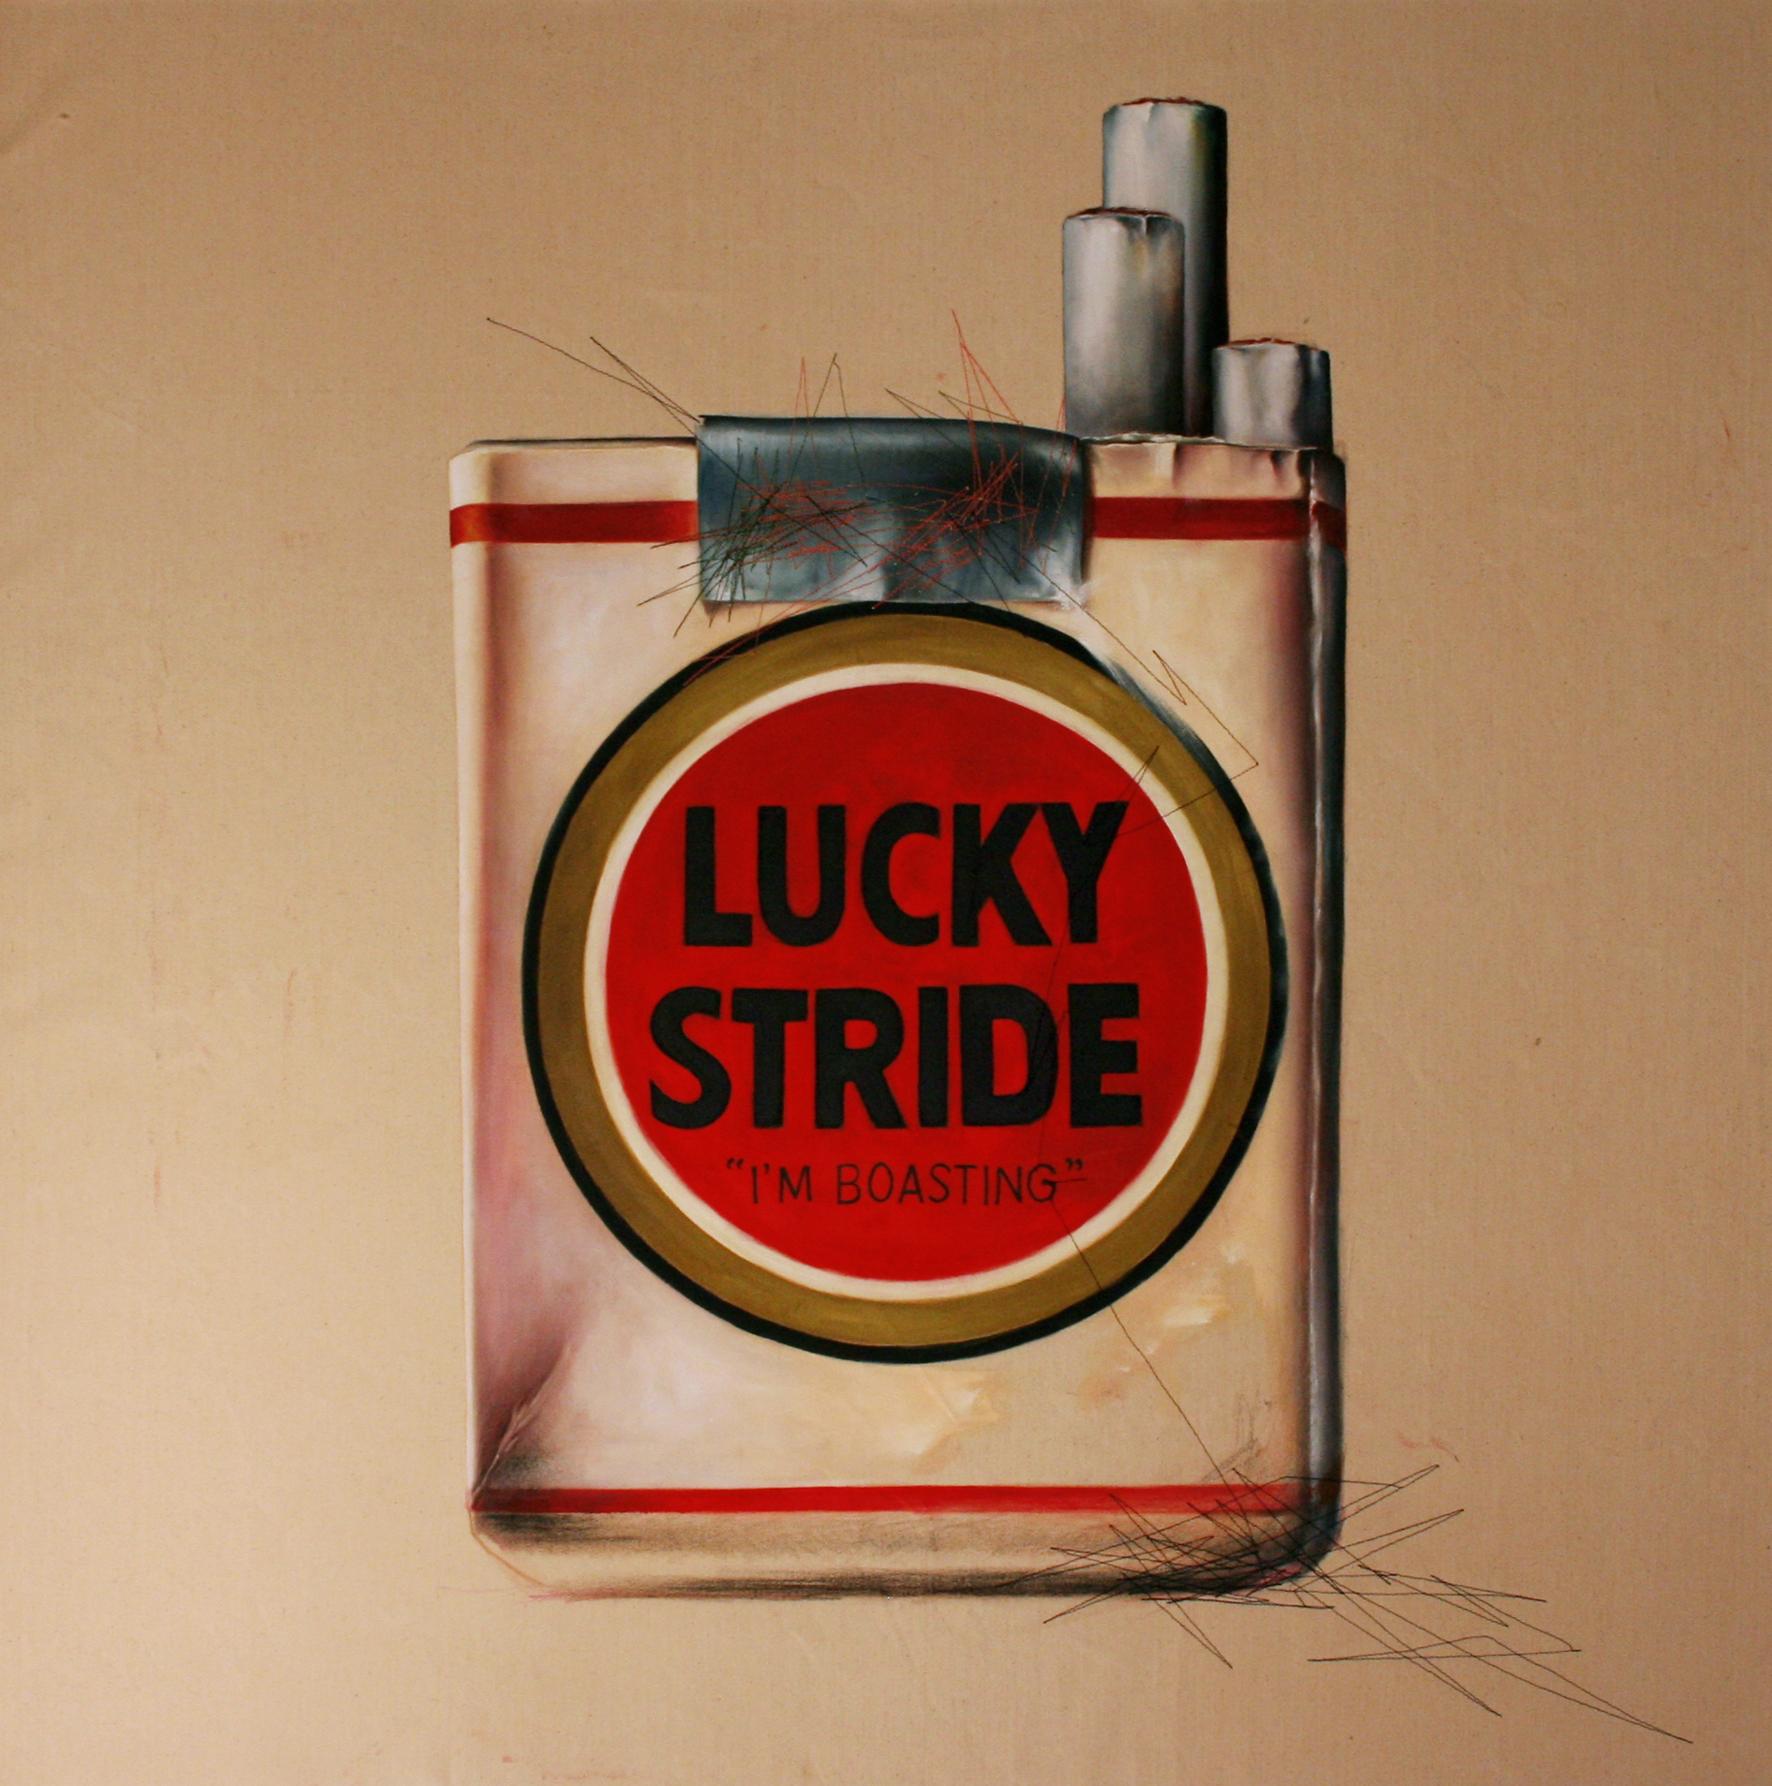 lucky stride